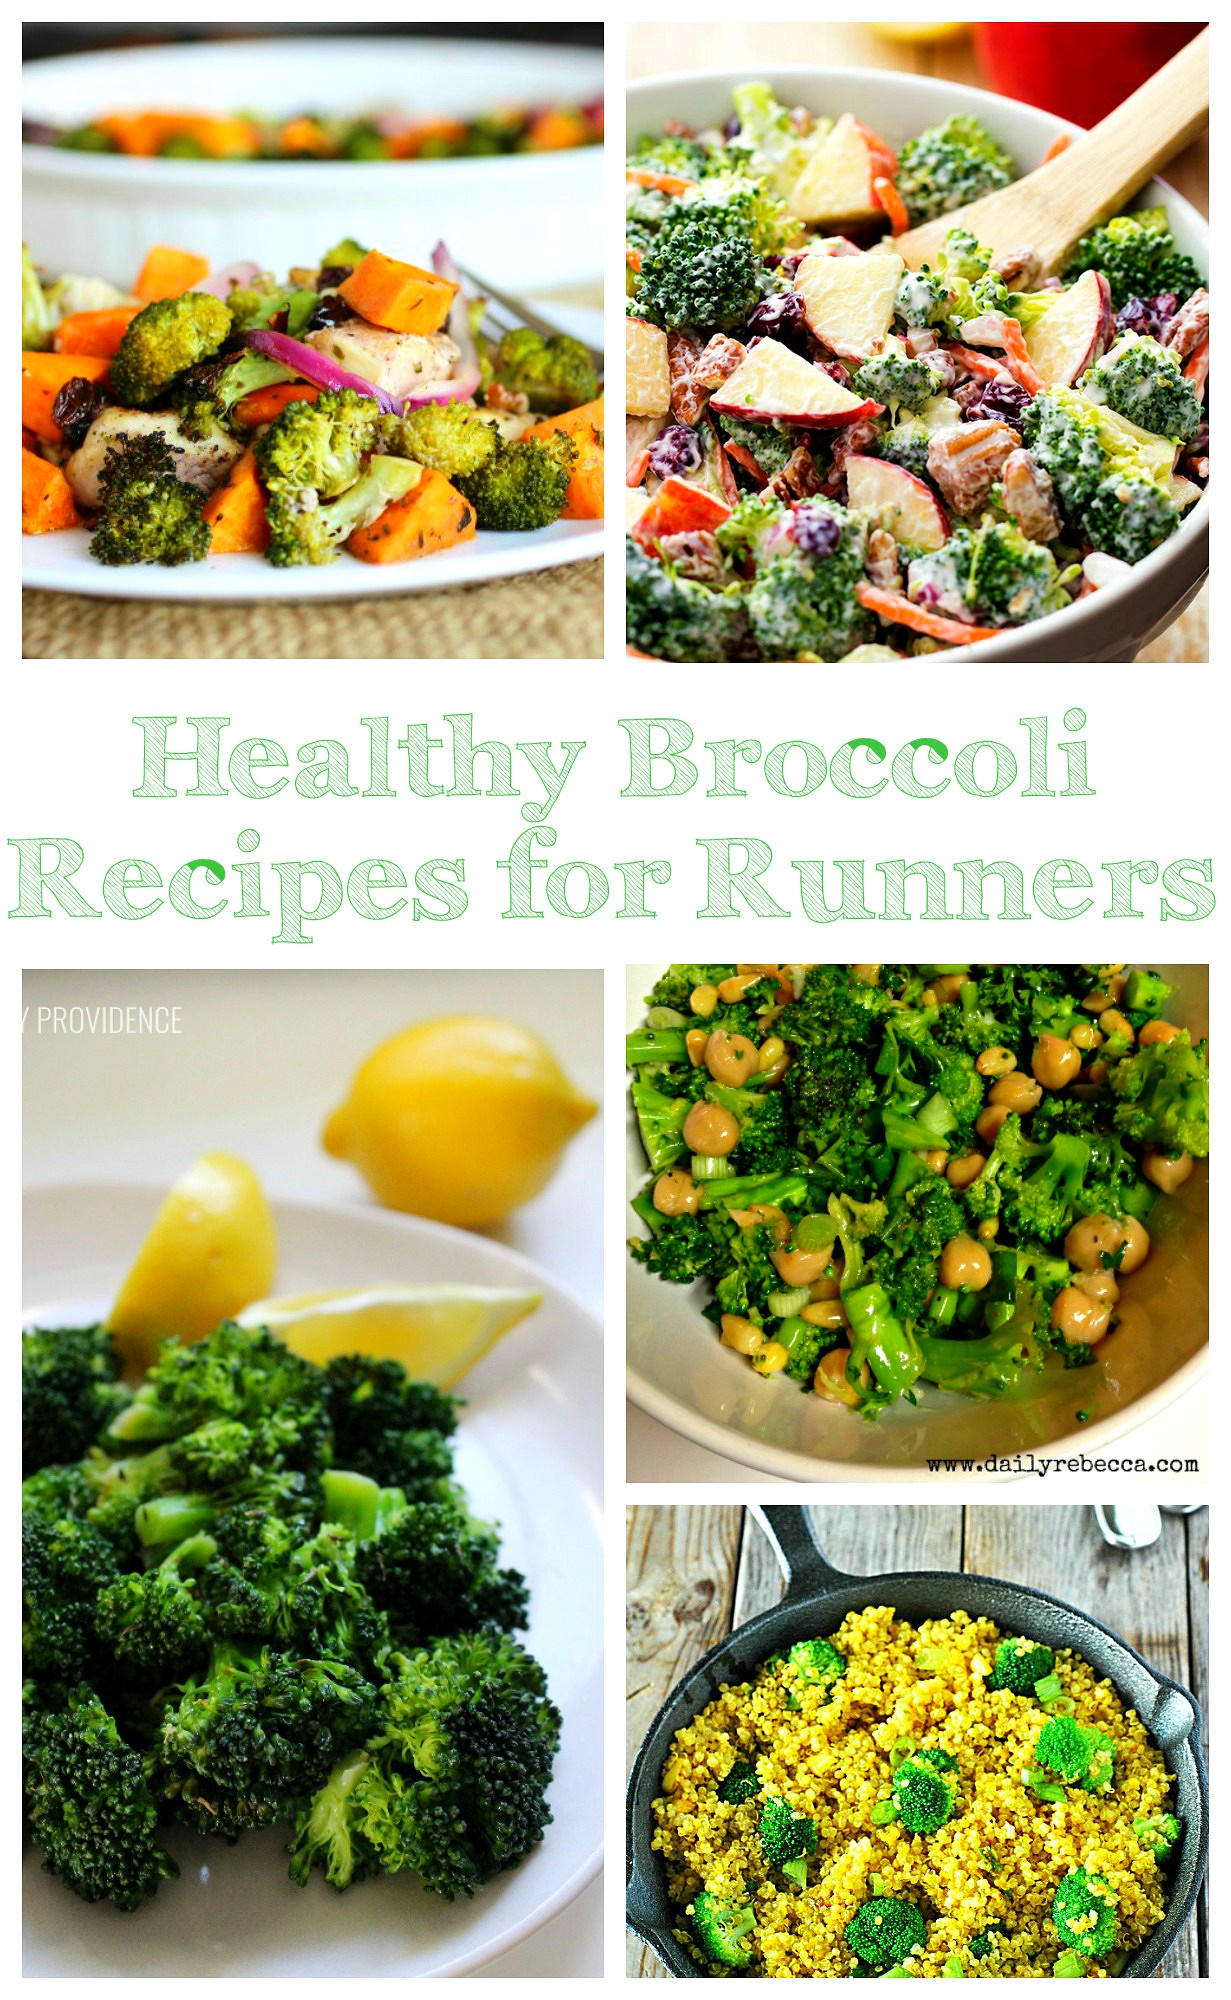 Healthy Broccoli Snack Recipes